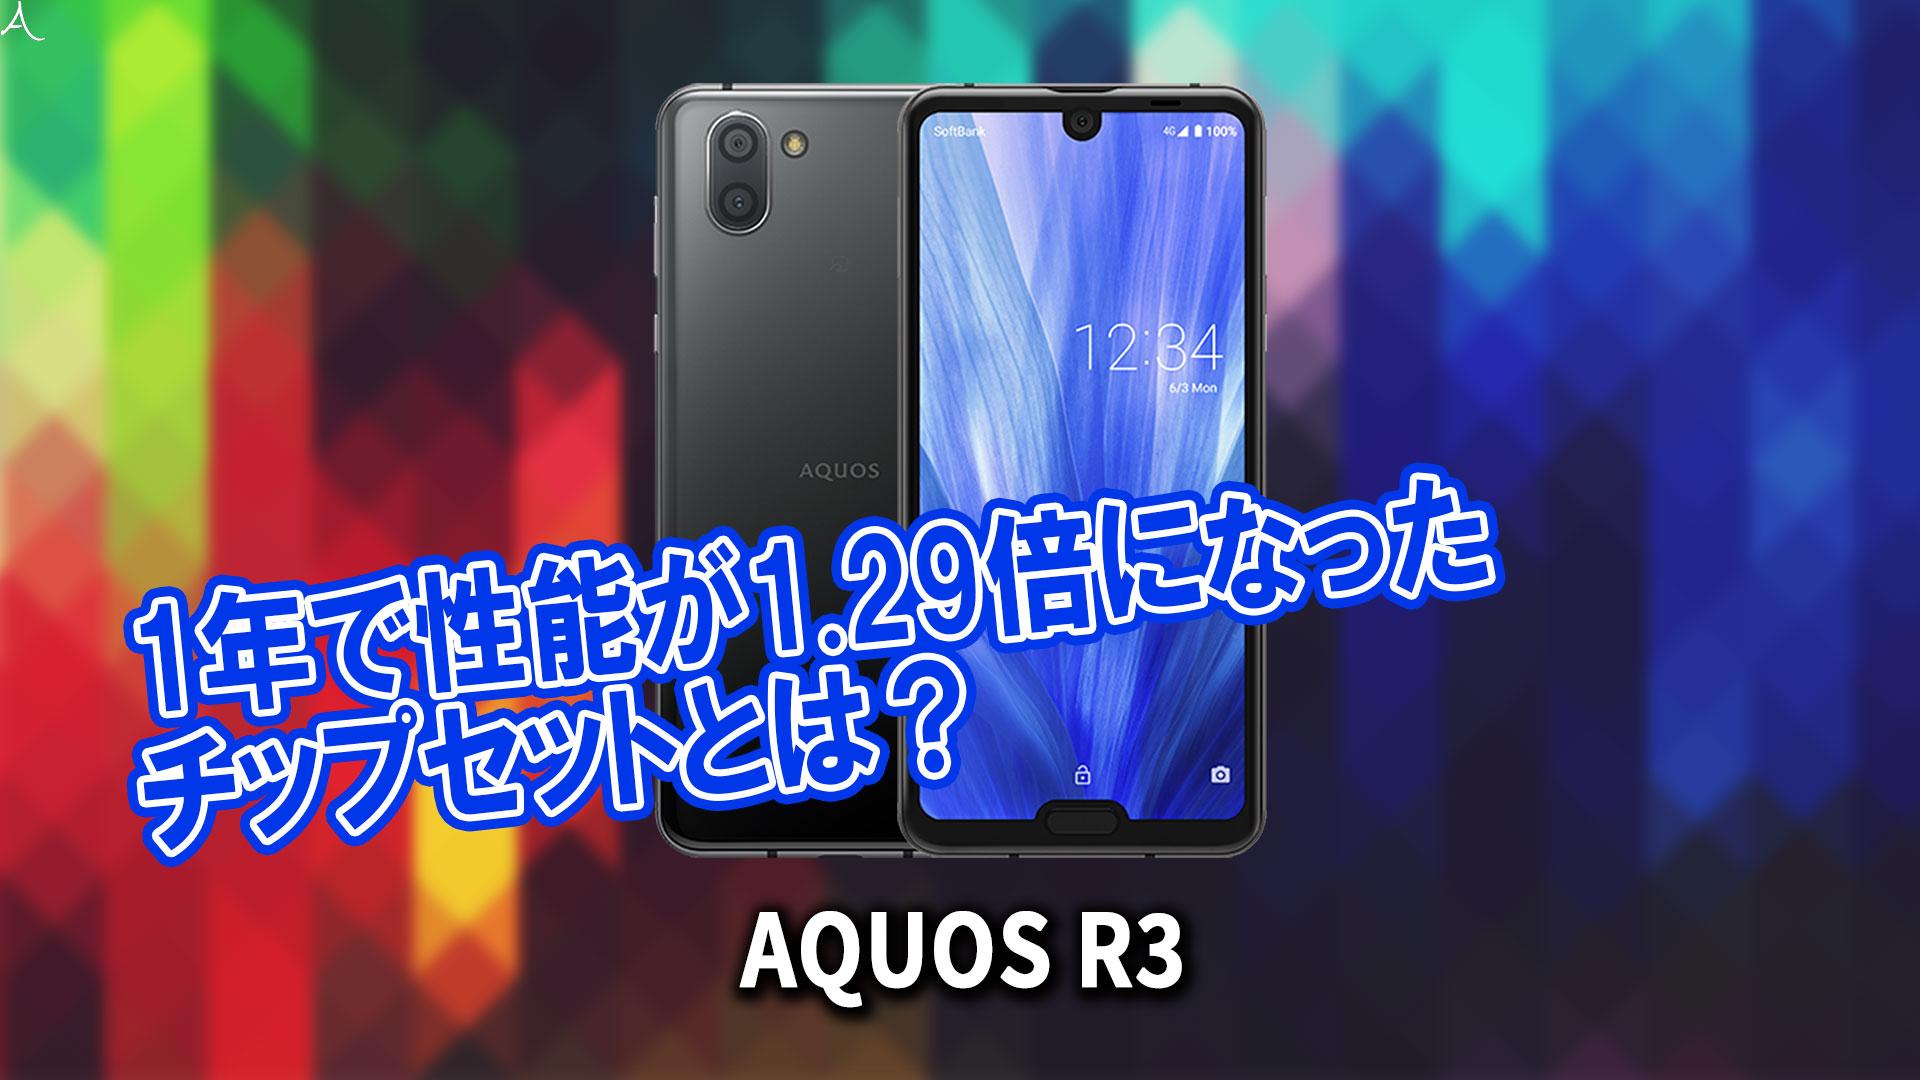 「AQUOS R3」のチップセット(CPU)は何?性能をベンチマーク(Geekbench)で比較